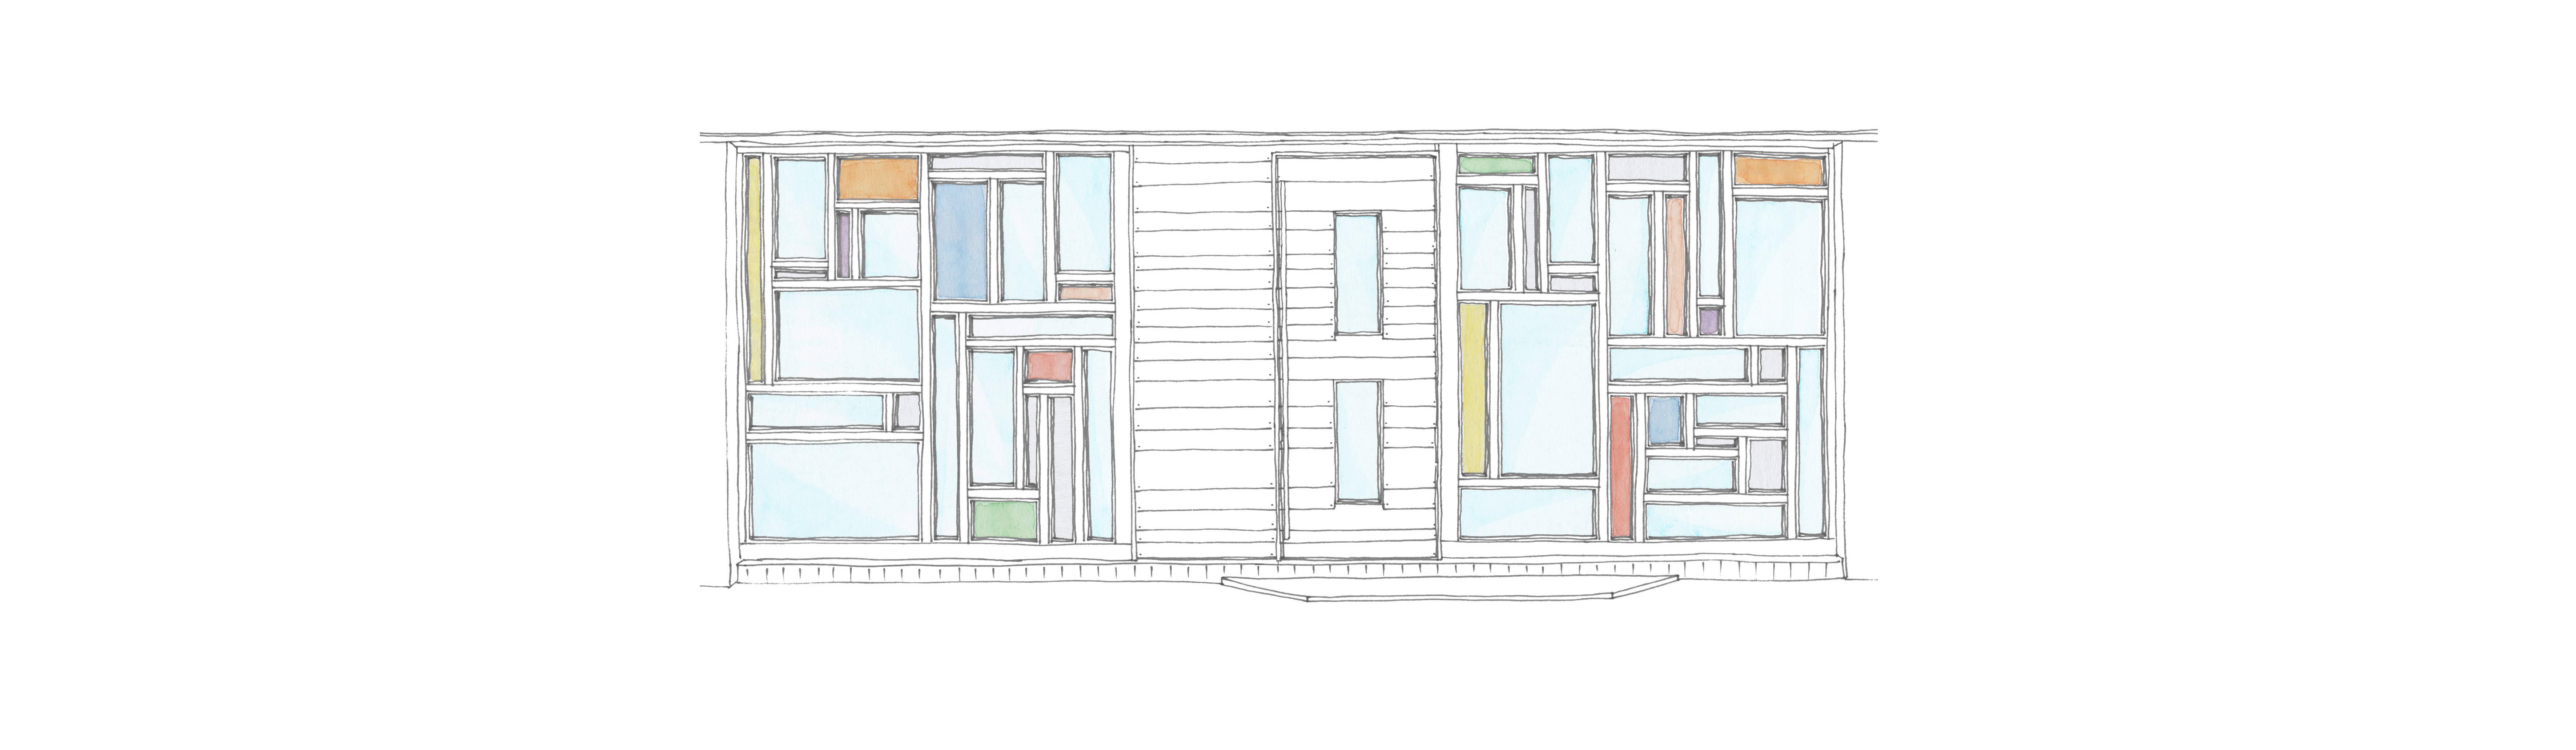 浅野翼建築設計室